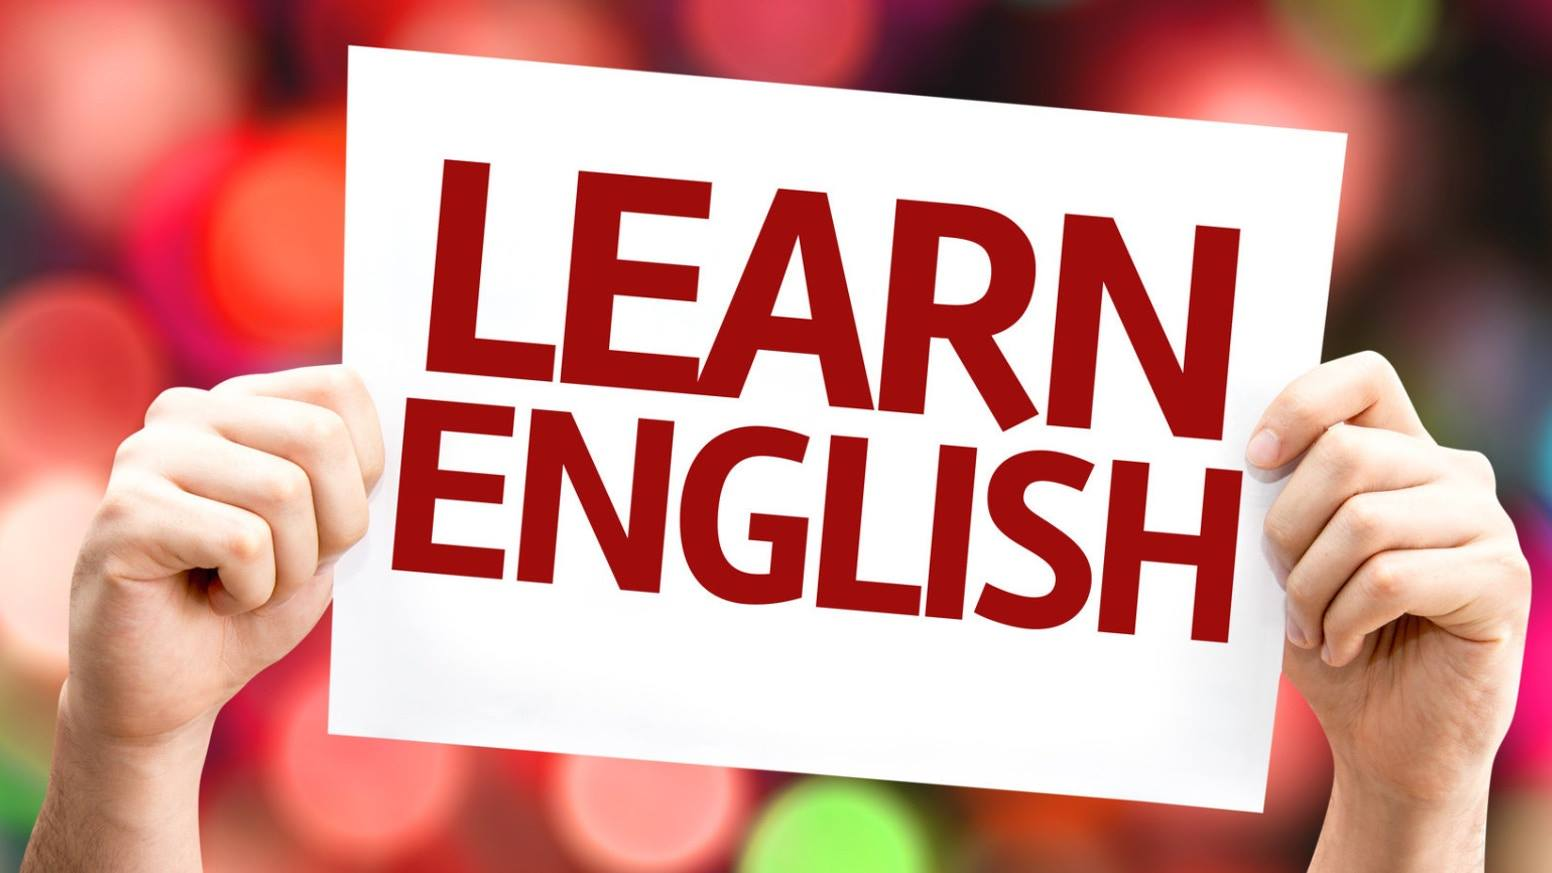 Лучан запрошують удосконалити свої знання англійської мови